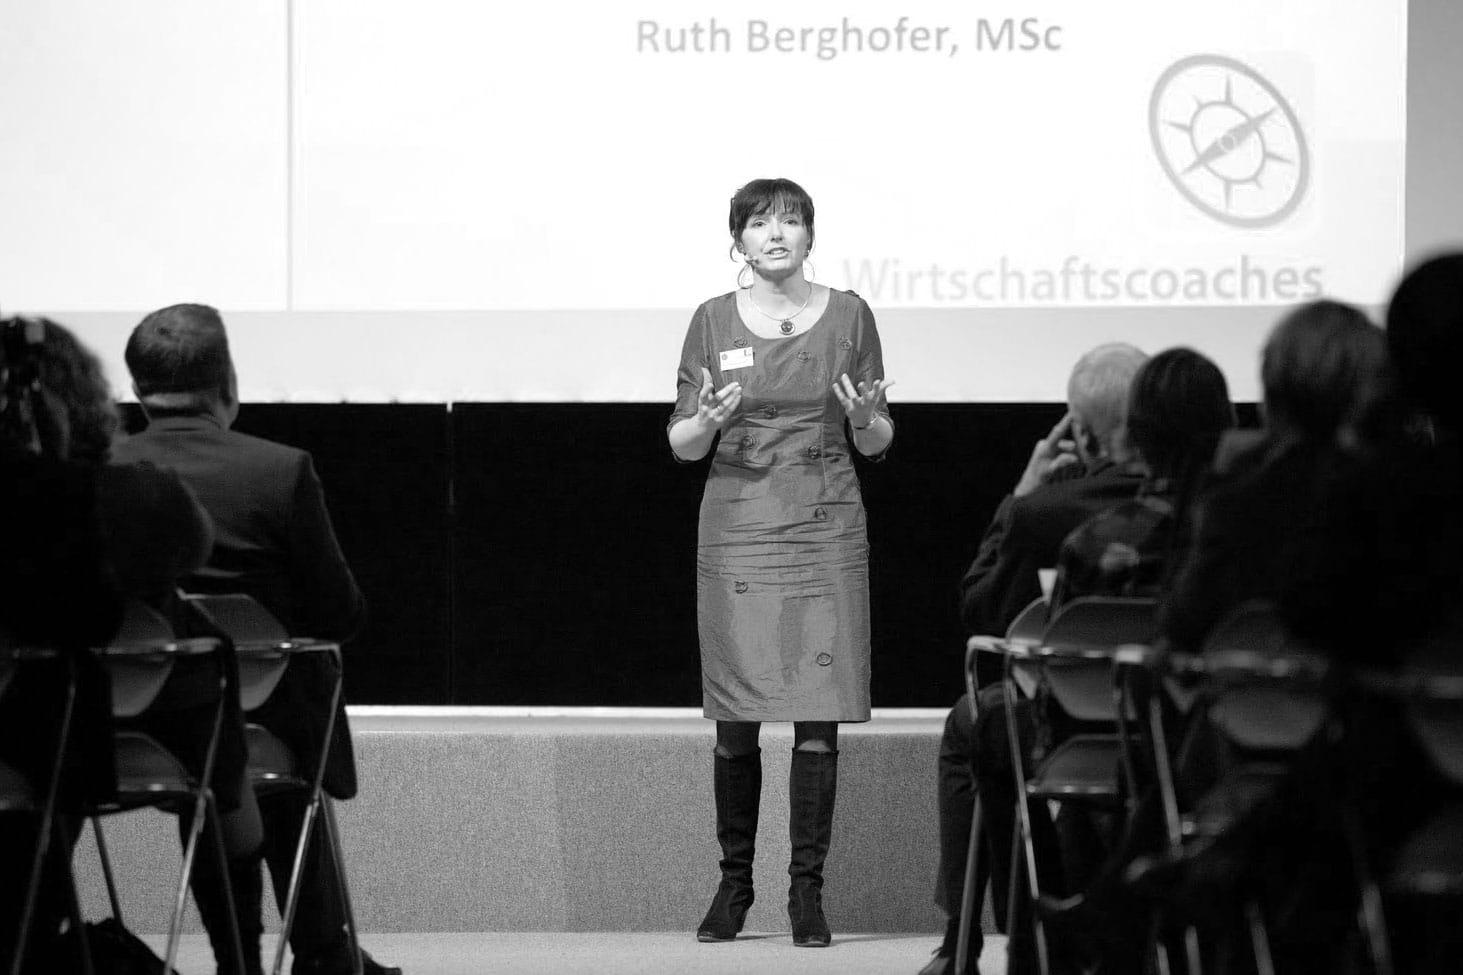 Vortrag Ruth Berghofer Wirtschaftscoaches